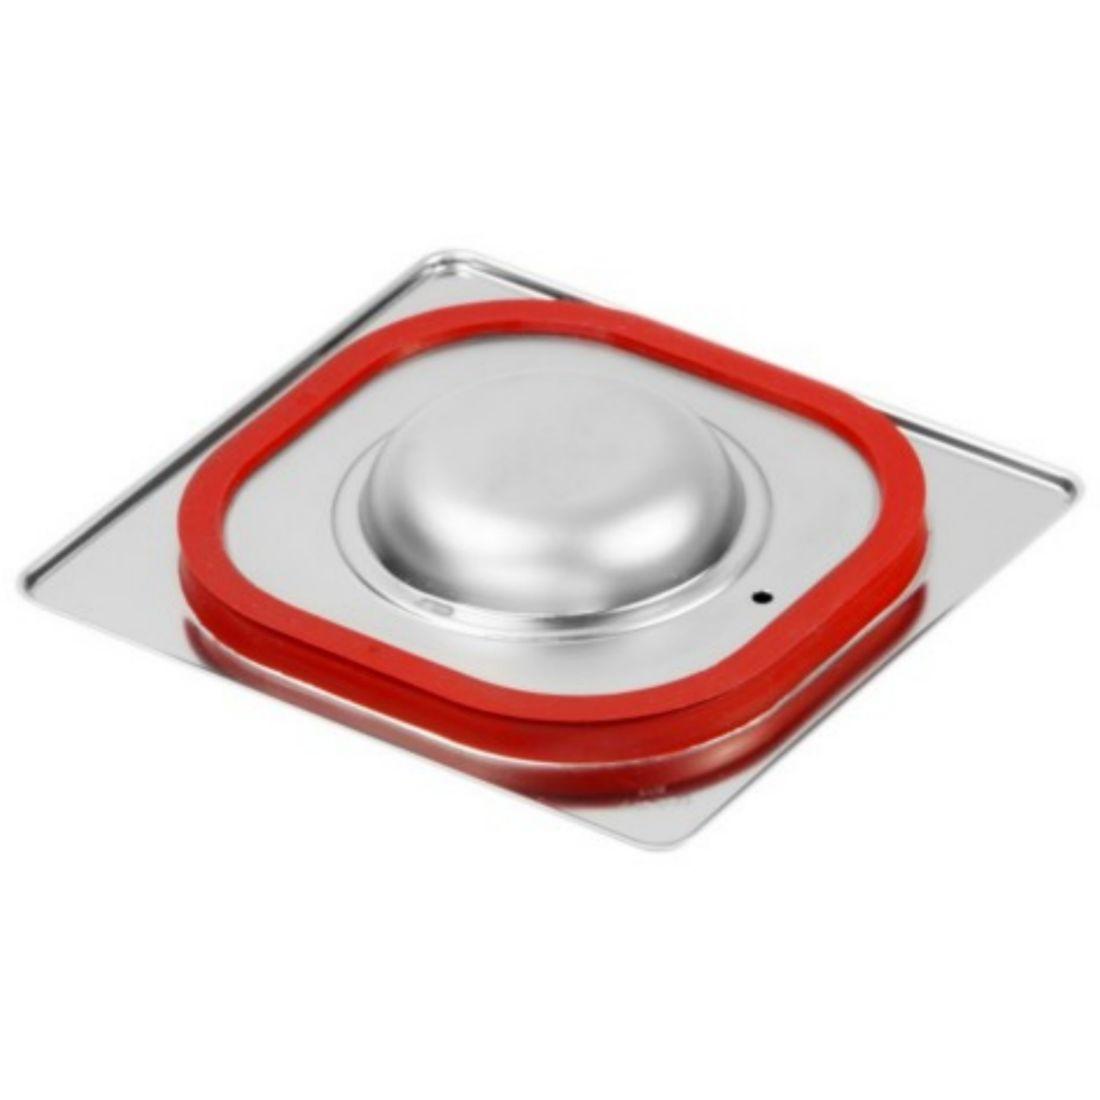 Víko GN 1/6 standardní se silikonovým těsněním